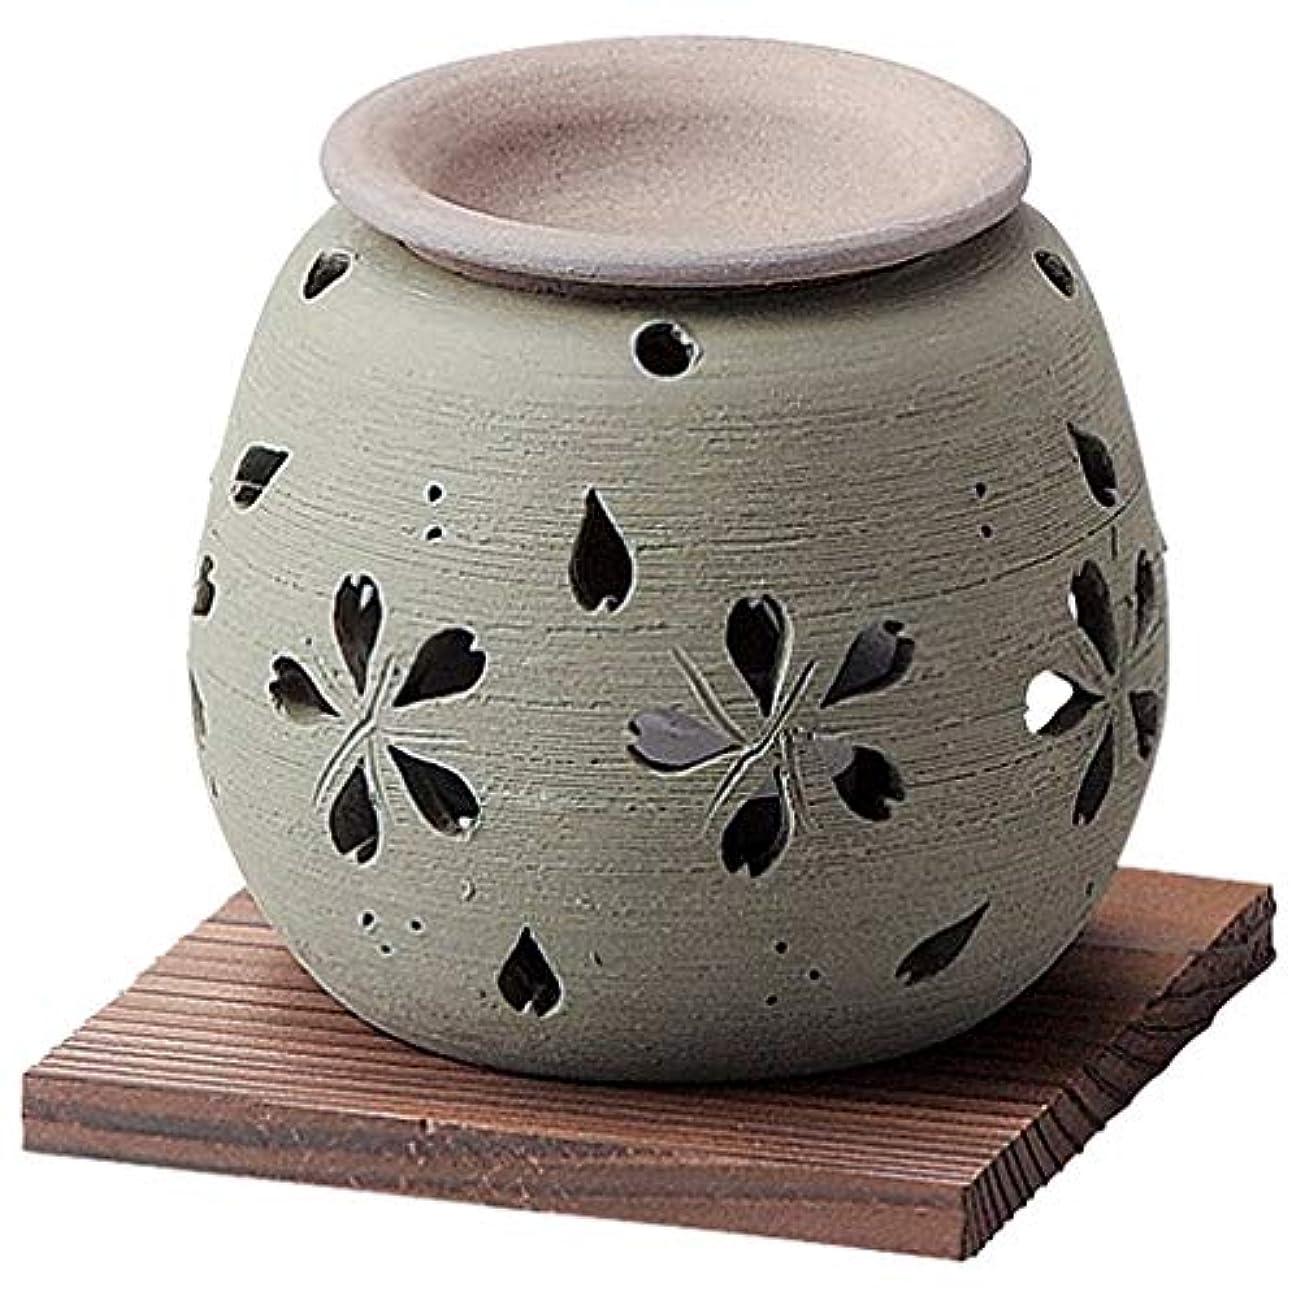 葉女性我慢するお部屋の消臭に!■常滑焼【茶香炉】石龍作 緑桜茶香炉